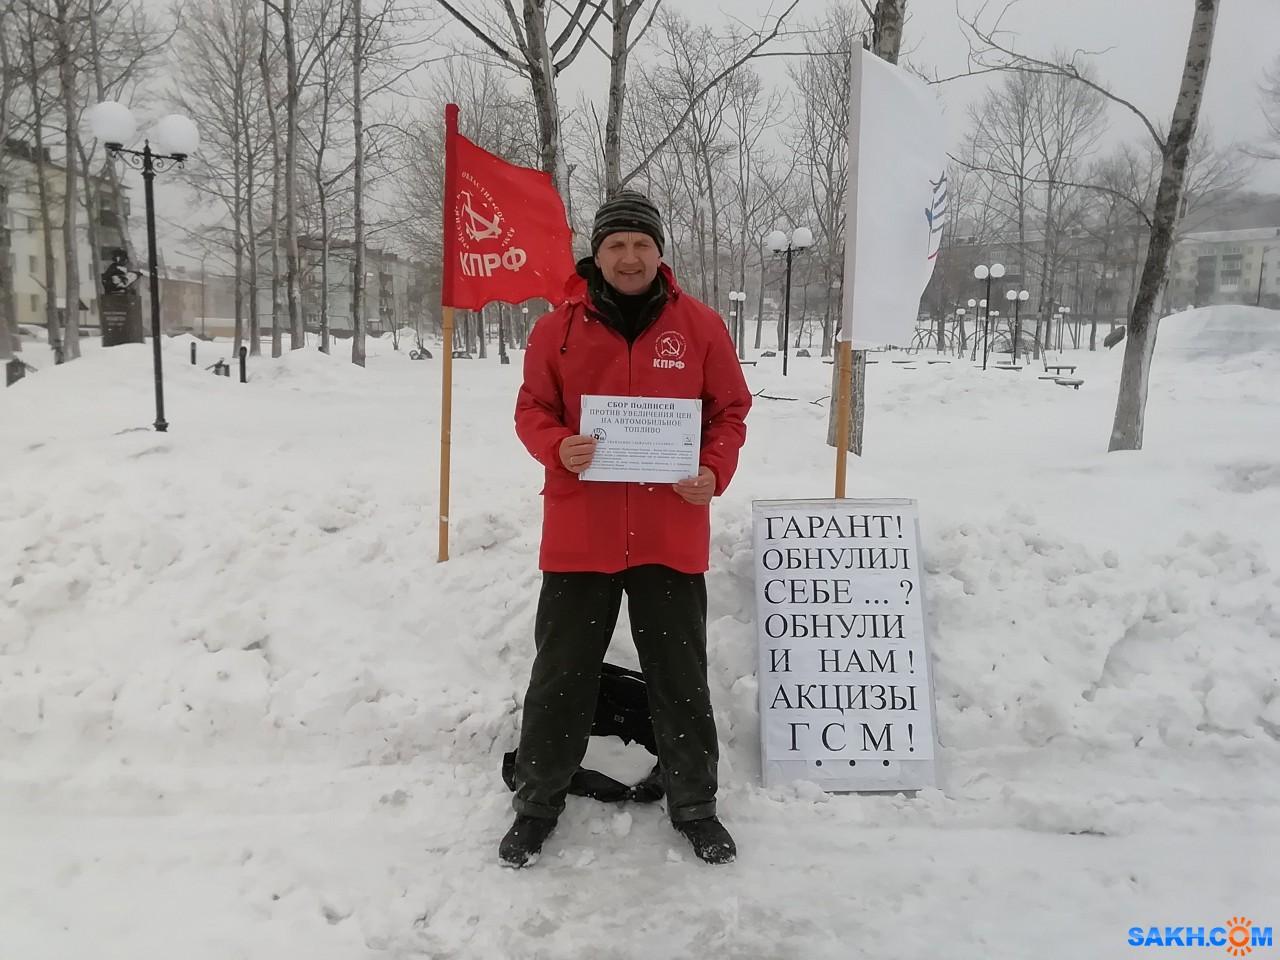 Сергей.М: ПИКЕТ 21.03. 2020 г.